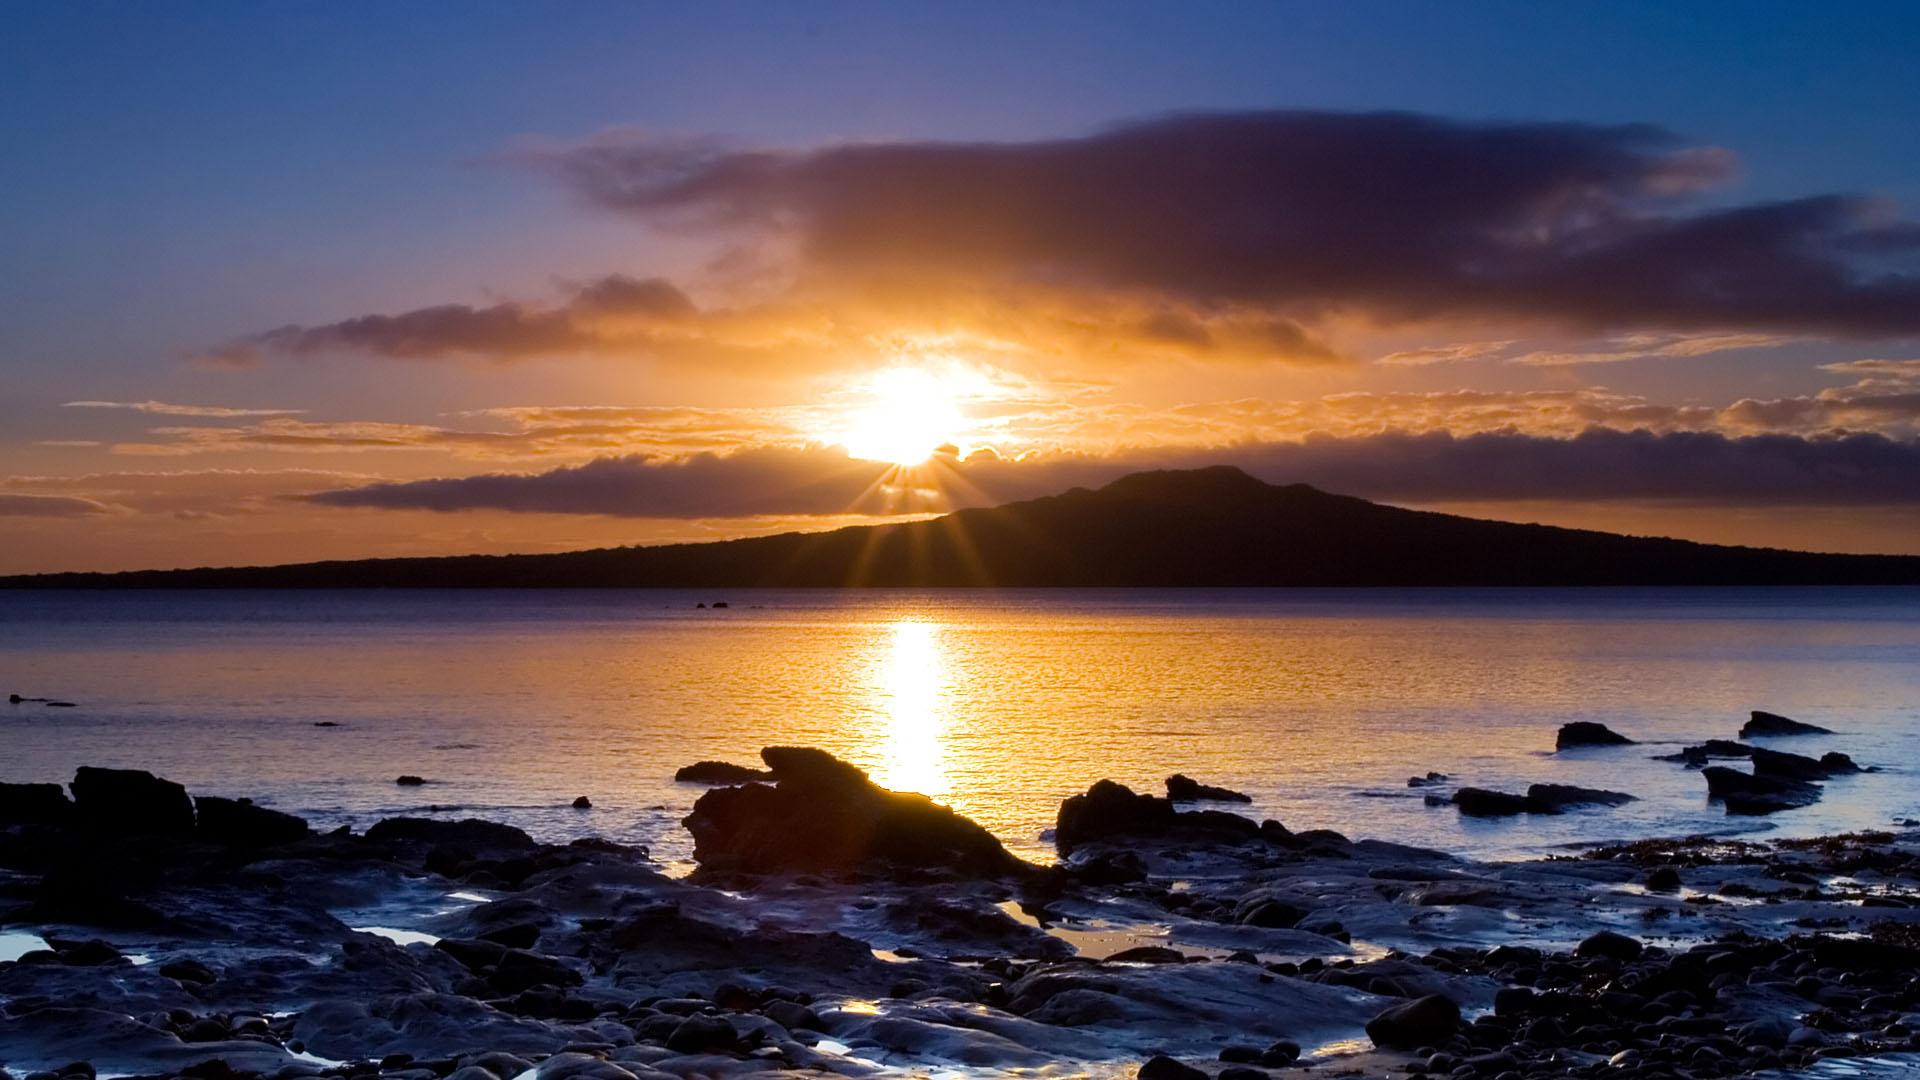 Sfondi desktop hd paesaggi tramonto al mare sfondi hd for Immagini full hd 1920x1080